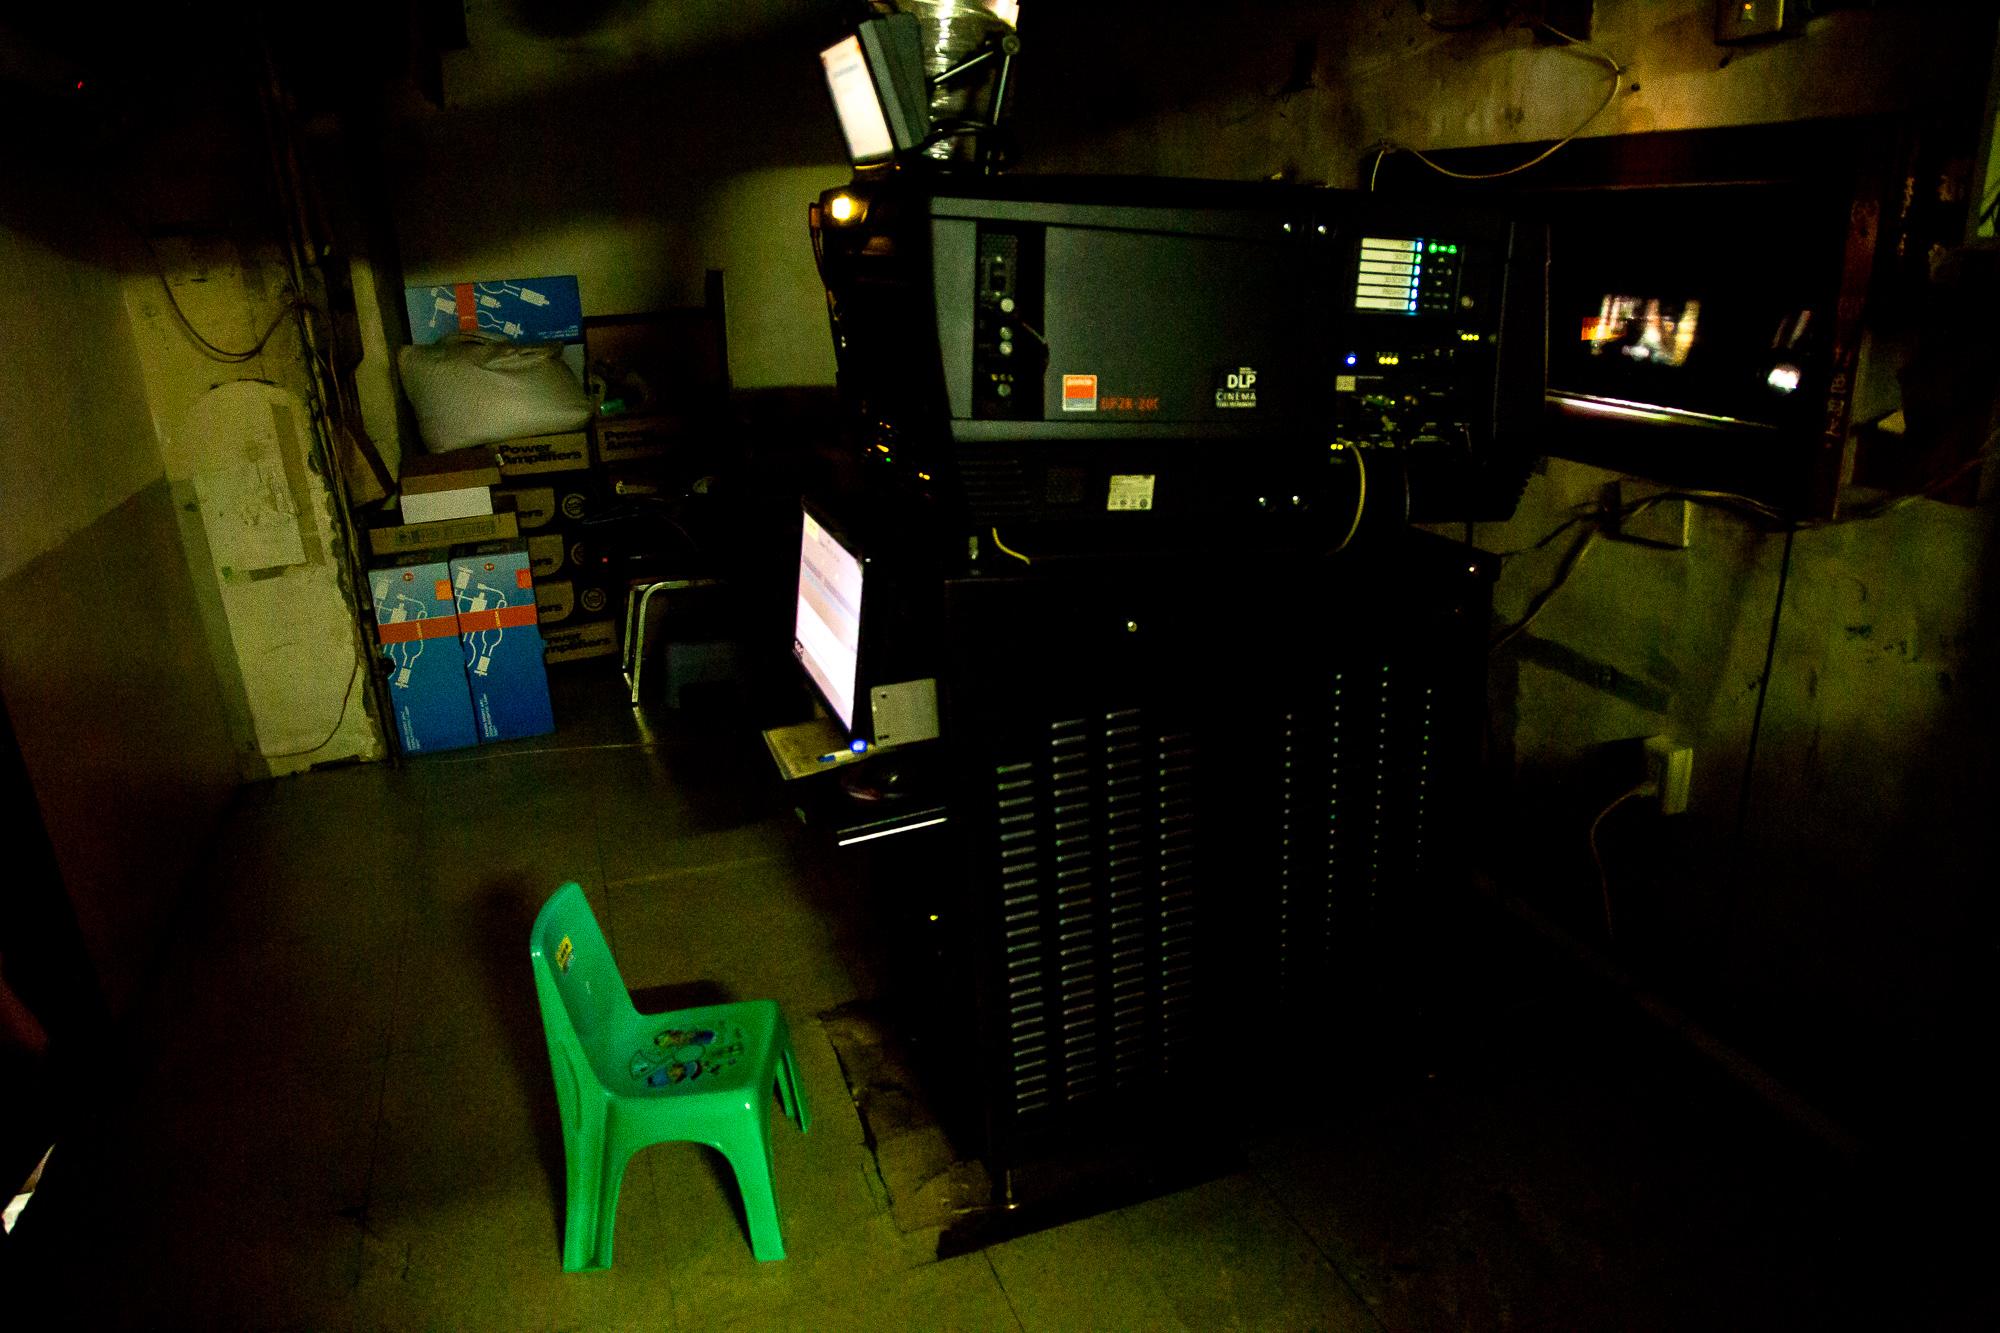 二輪電影院的設備雖然不及首輪影院的優良,但是也使用了最新的放映裝置,保證了一定的觀影體驗 攝影/胡皓宸